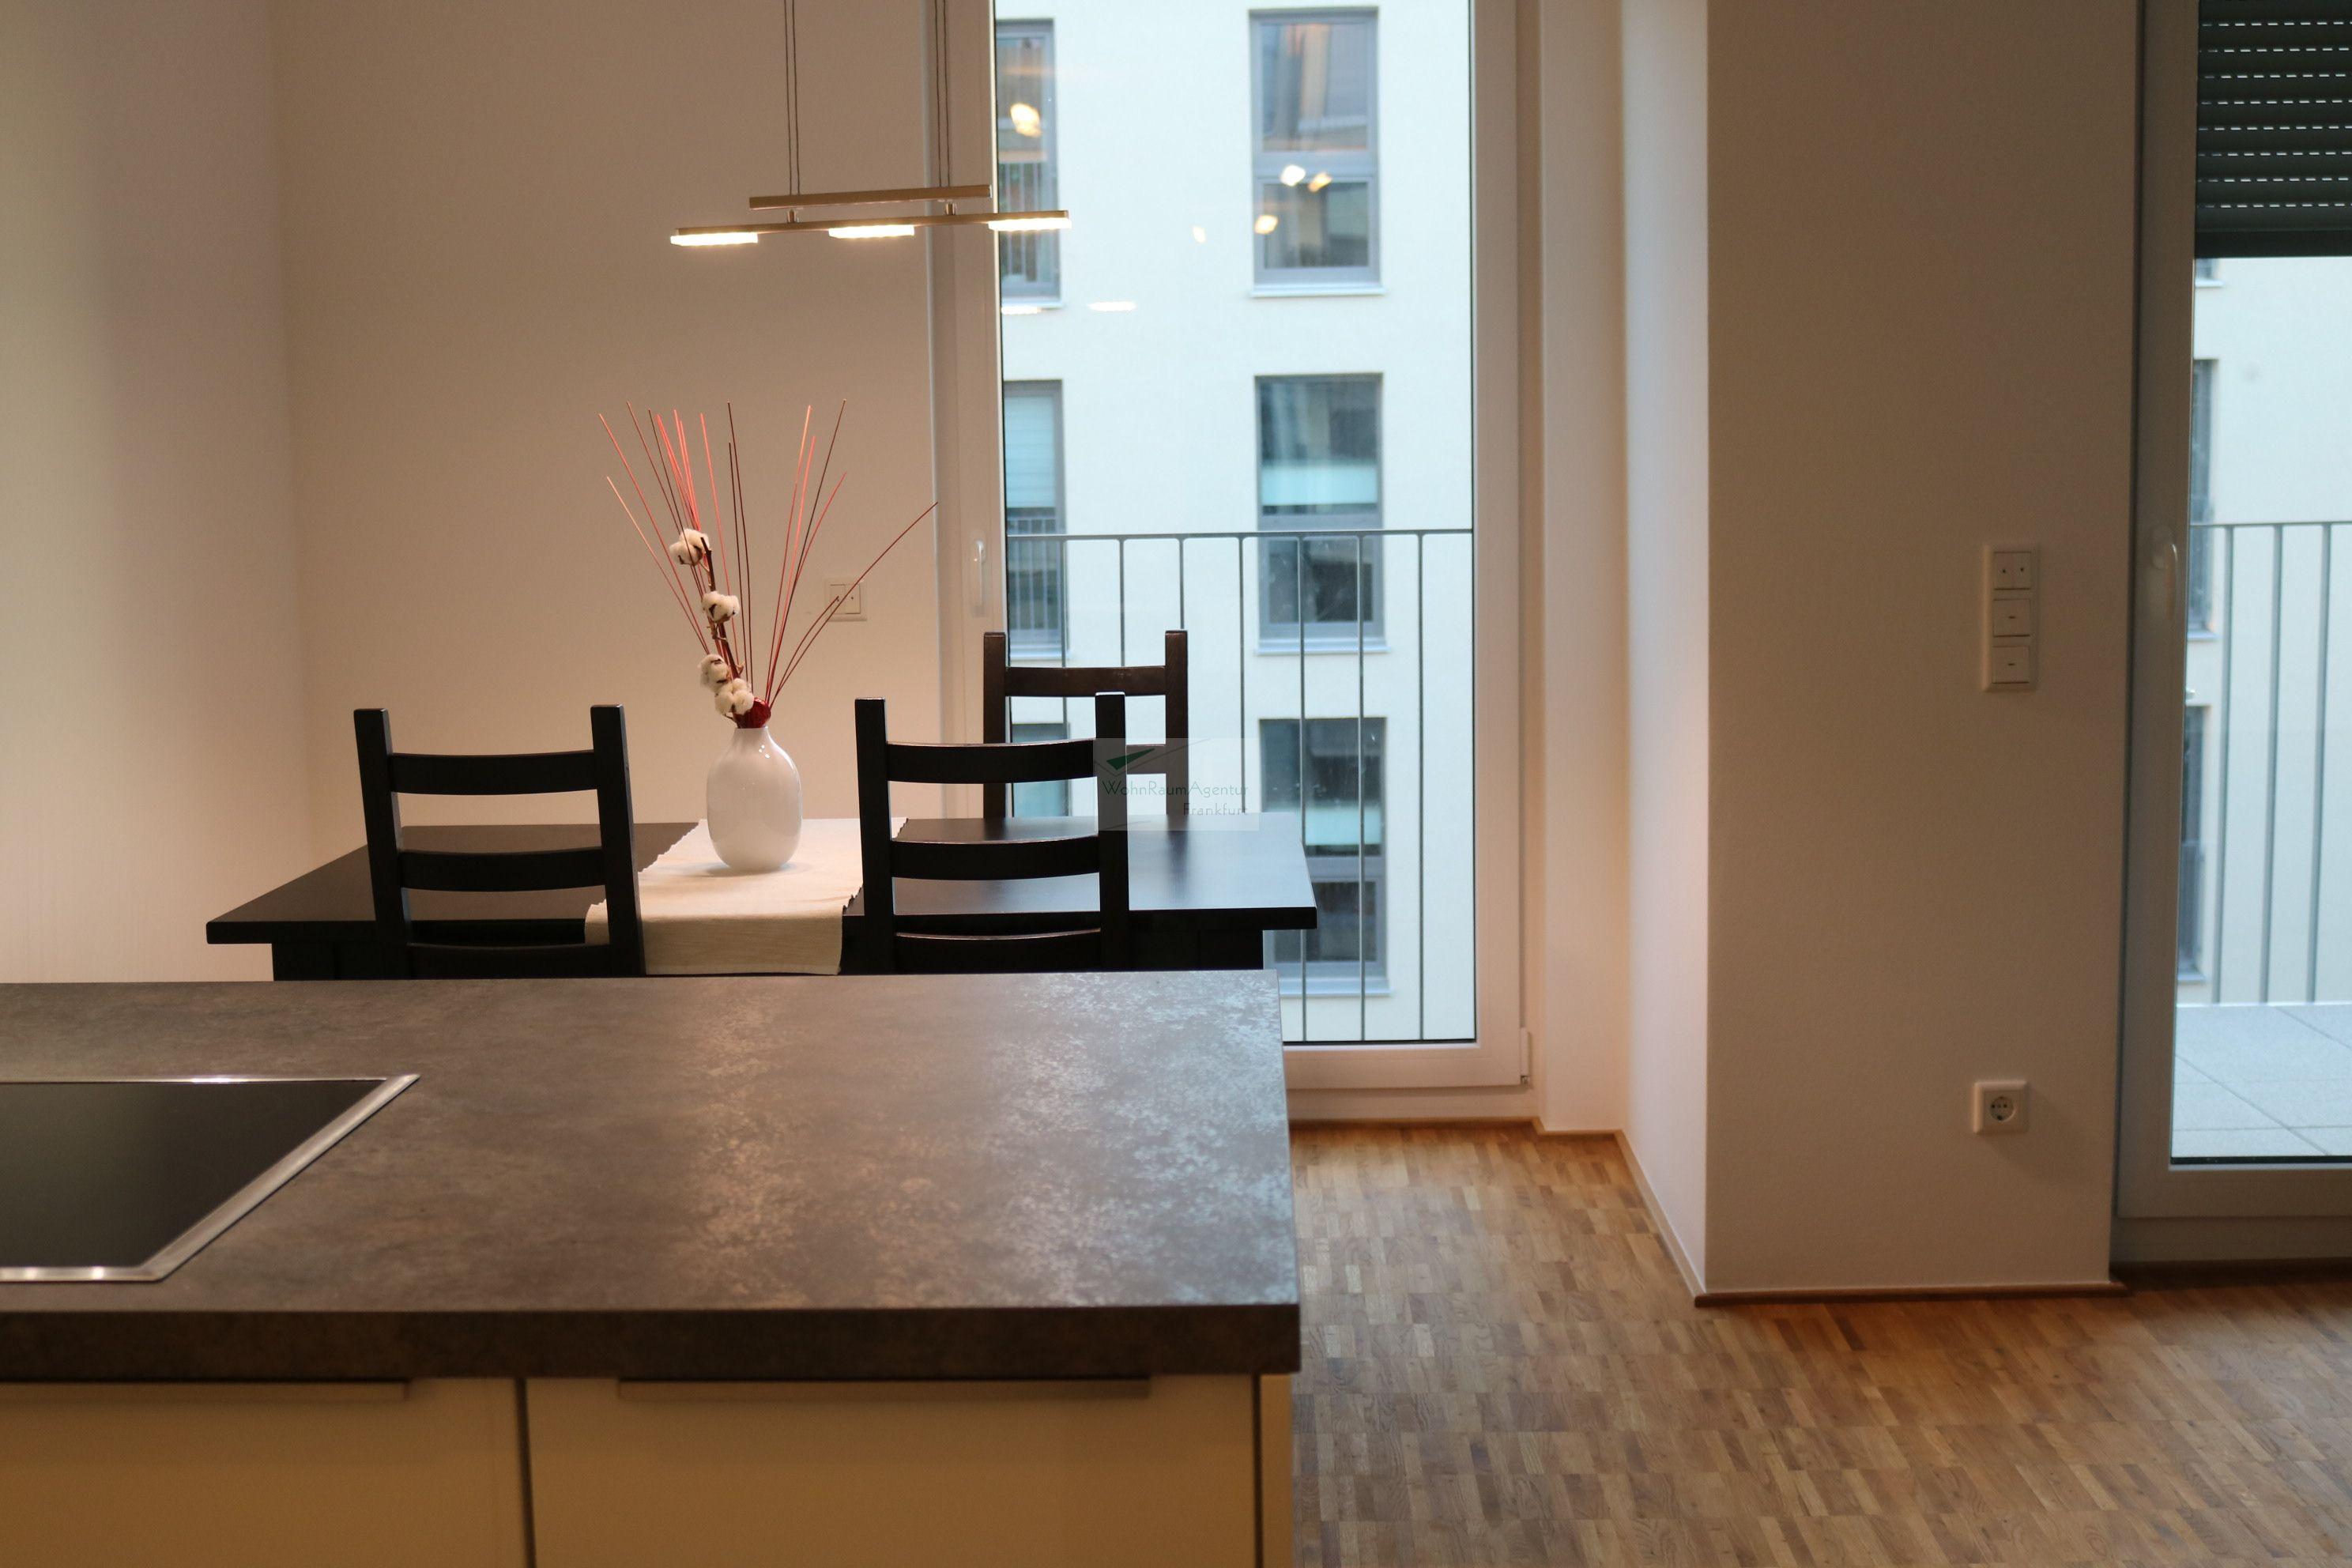 frankfurt r delheim 4 zimmer wohnung 4775 wohnraumagentur. Black Bedroom Furniture Sets. Home Design Ideas